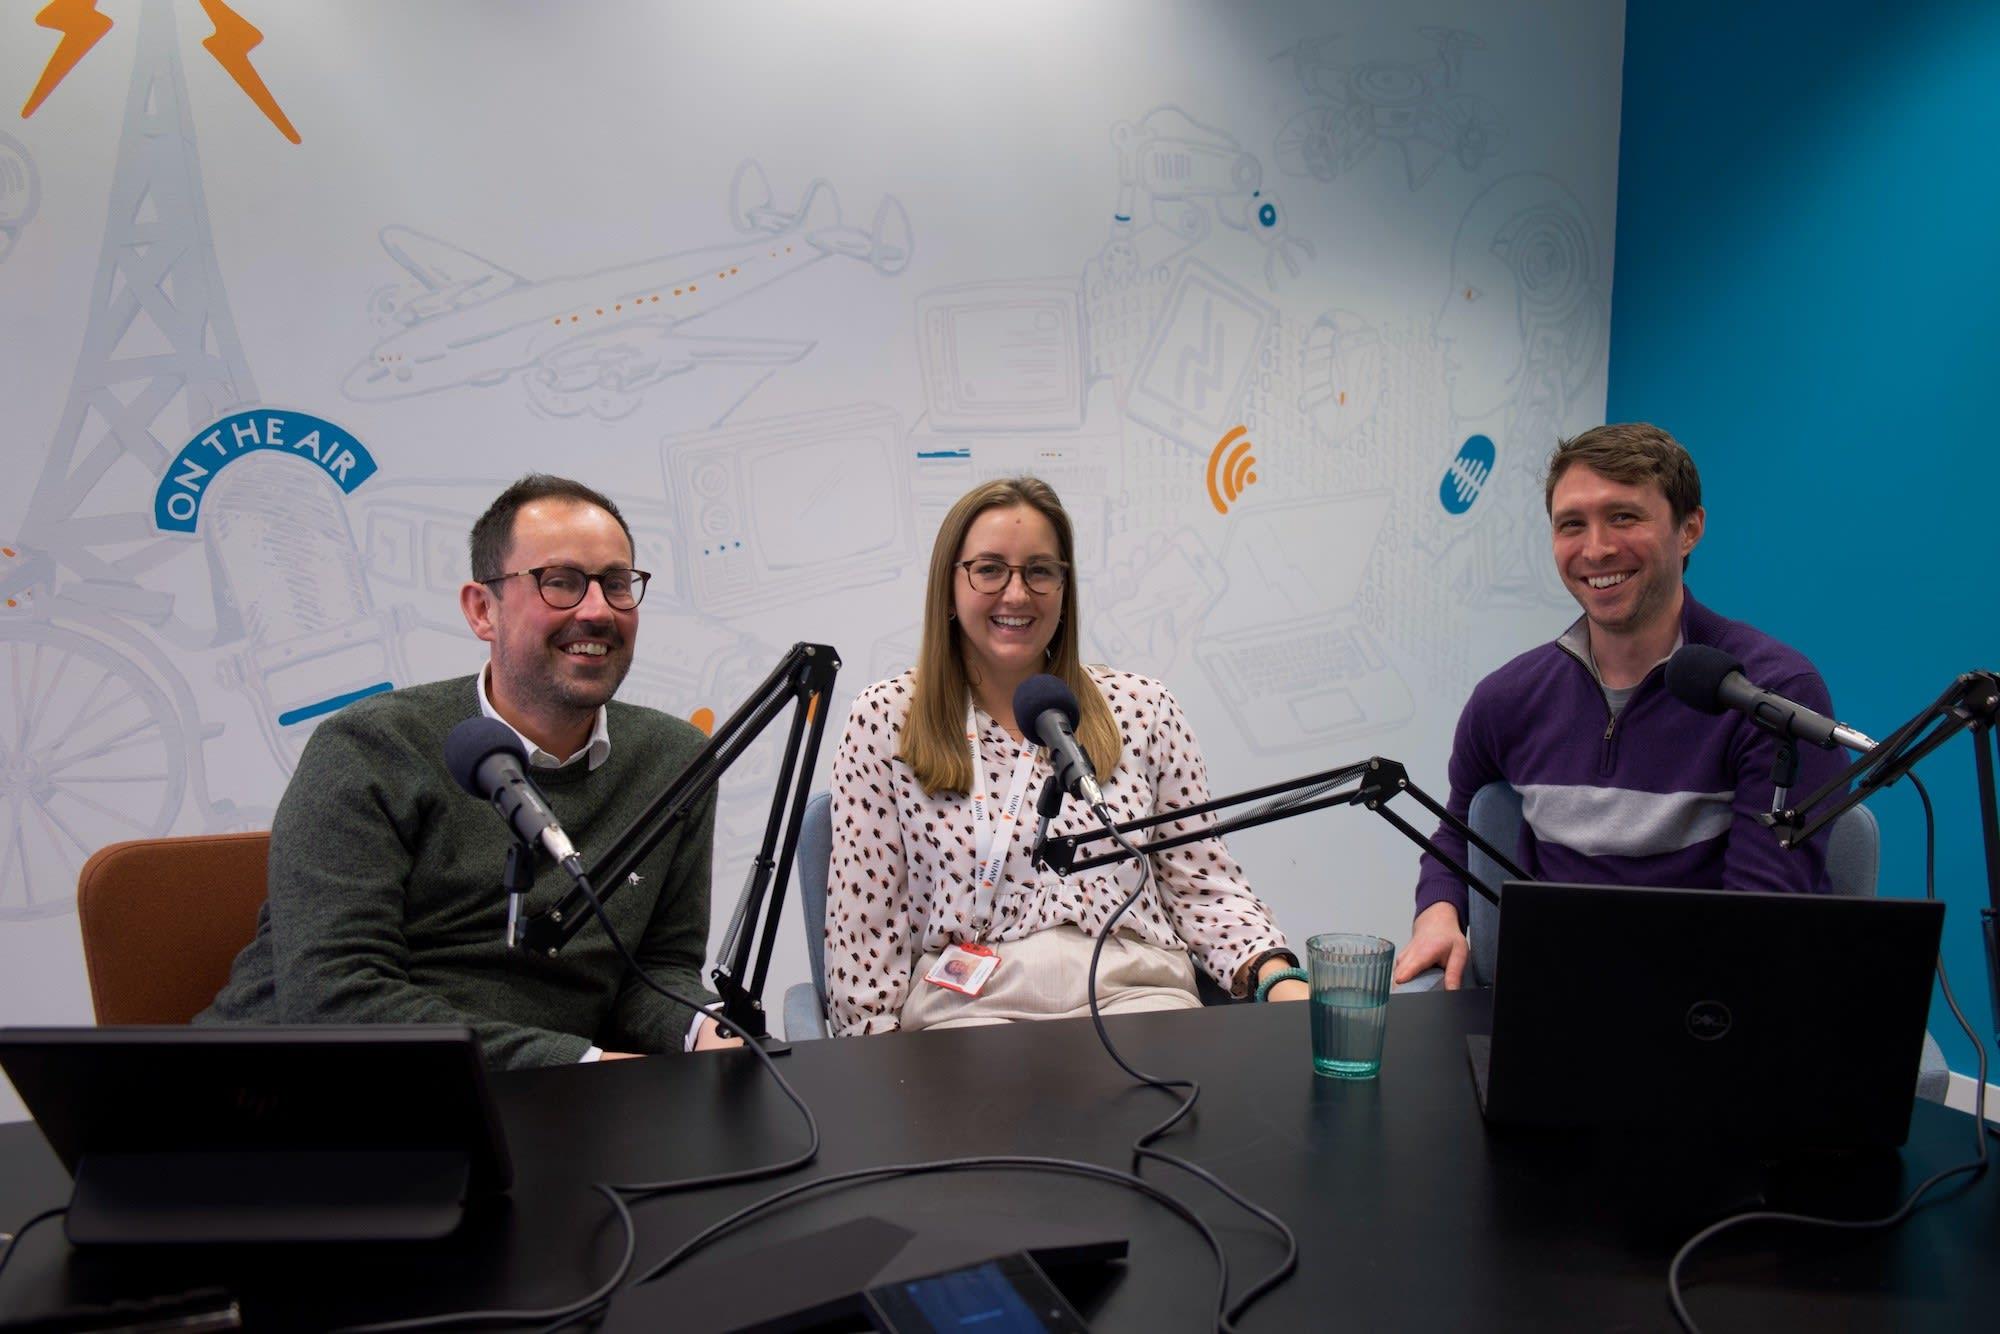 Awin Talks: Entrevistas da indústria com Miya Knights da Eagle Eye Solutions e Chris Johnson da Smarter Click